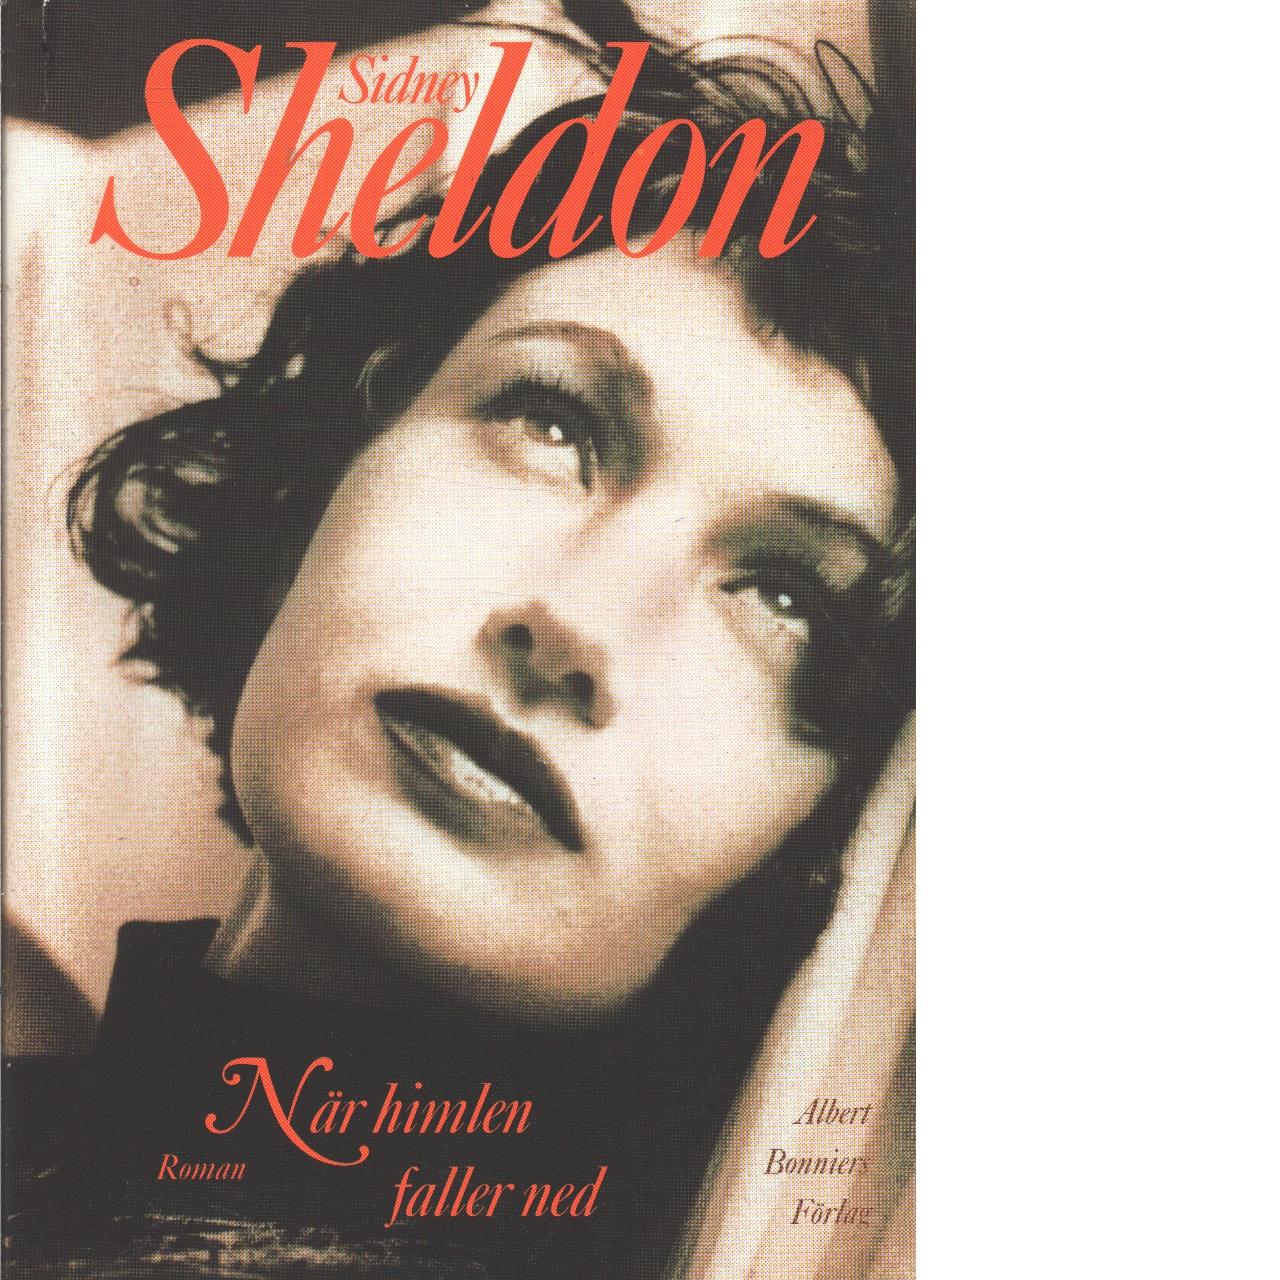 När himlen faller ned - Sheldon, Sidney